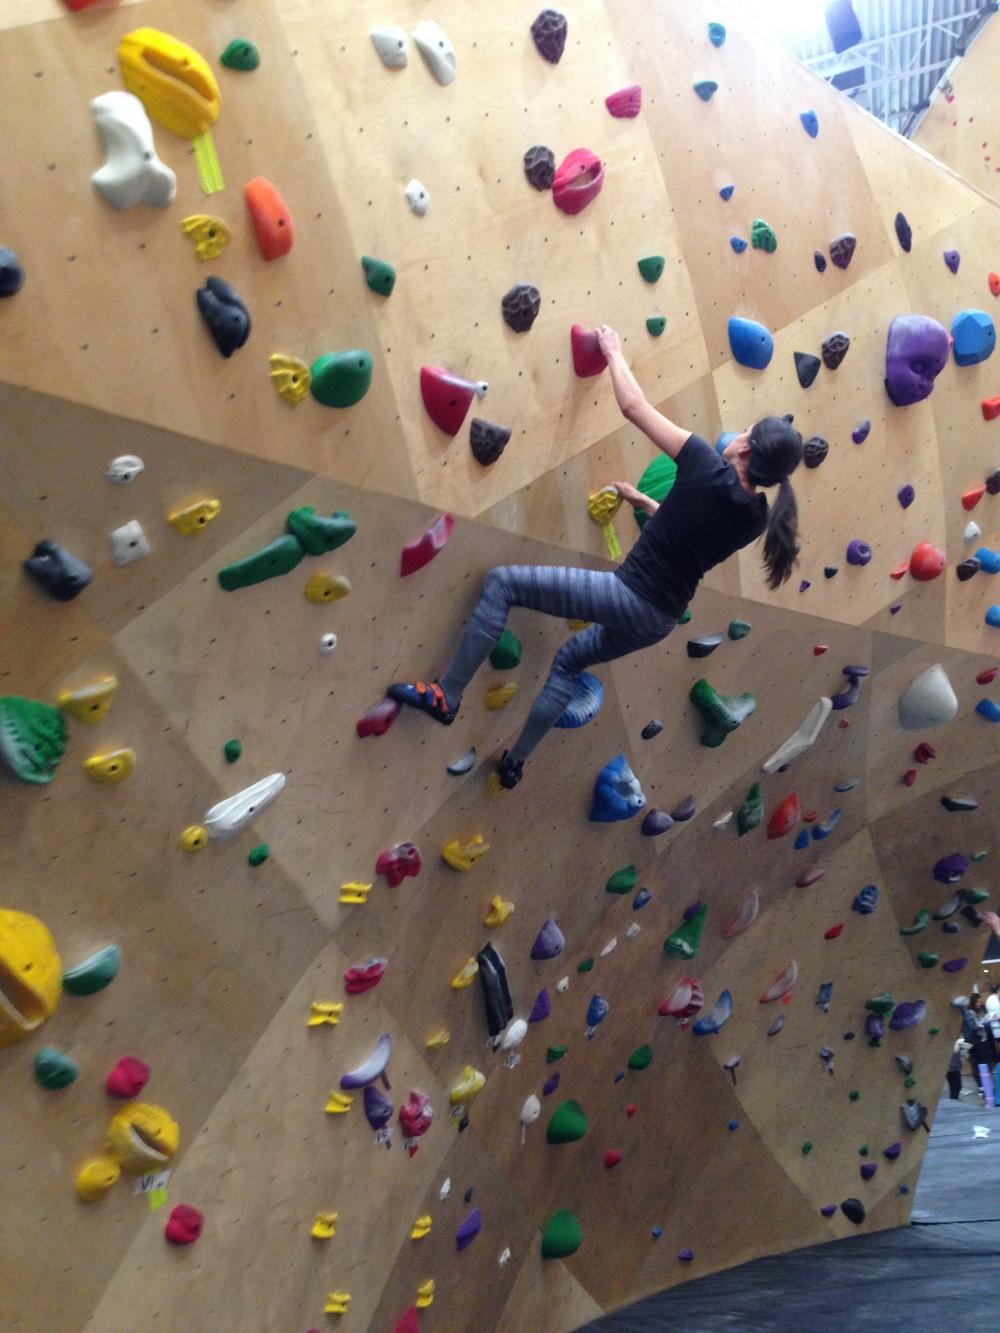 Elyse does some rad bouldering